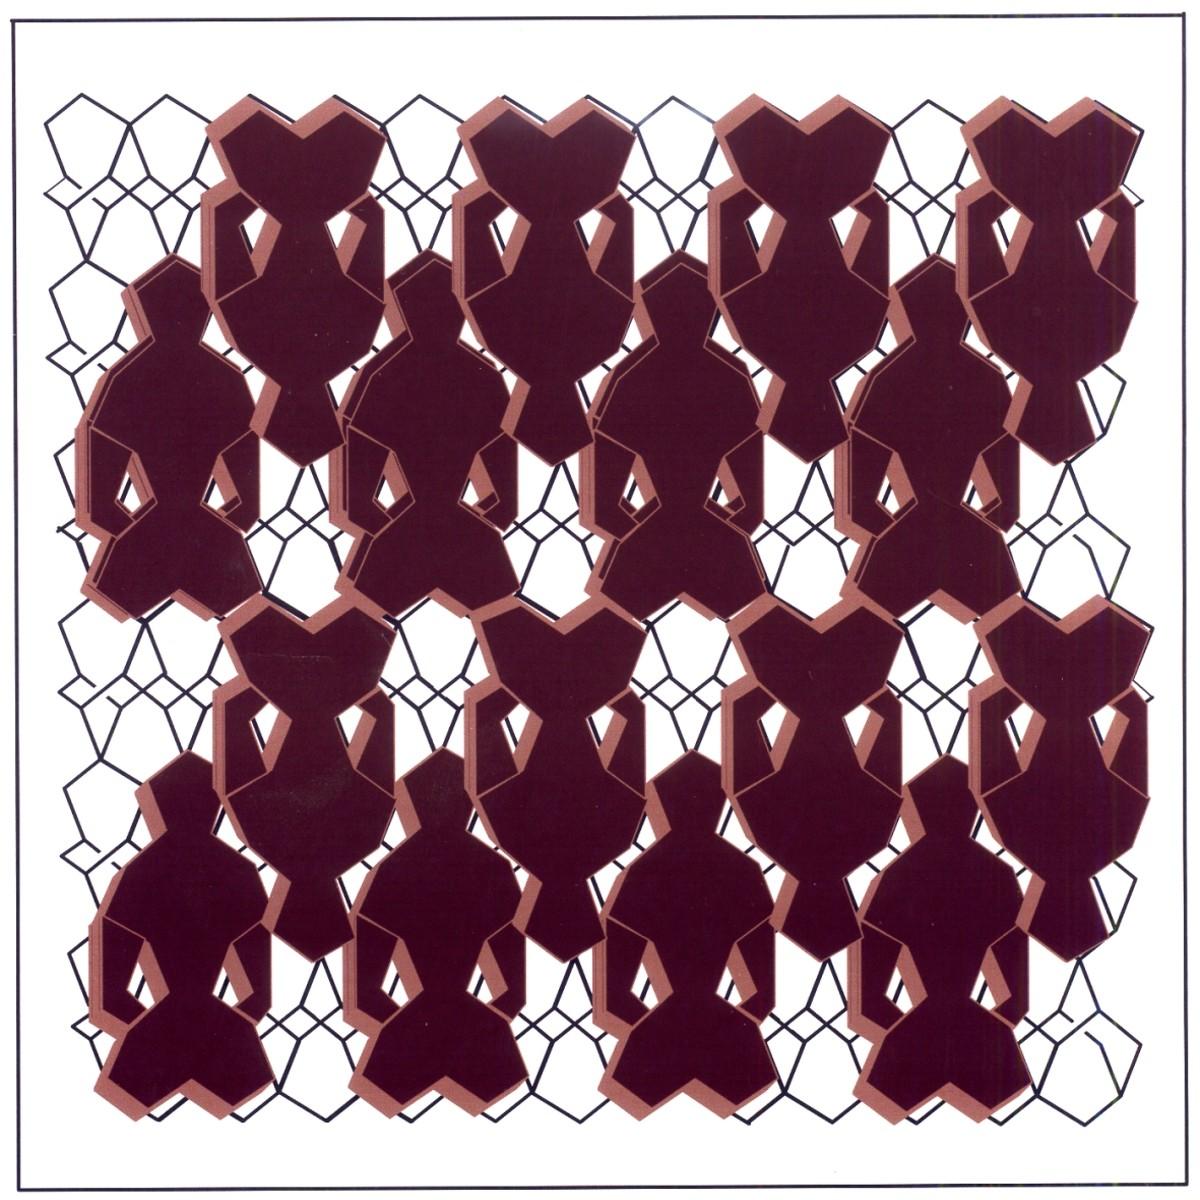 Diamantgitter-31.jpg